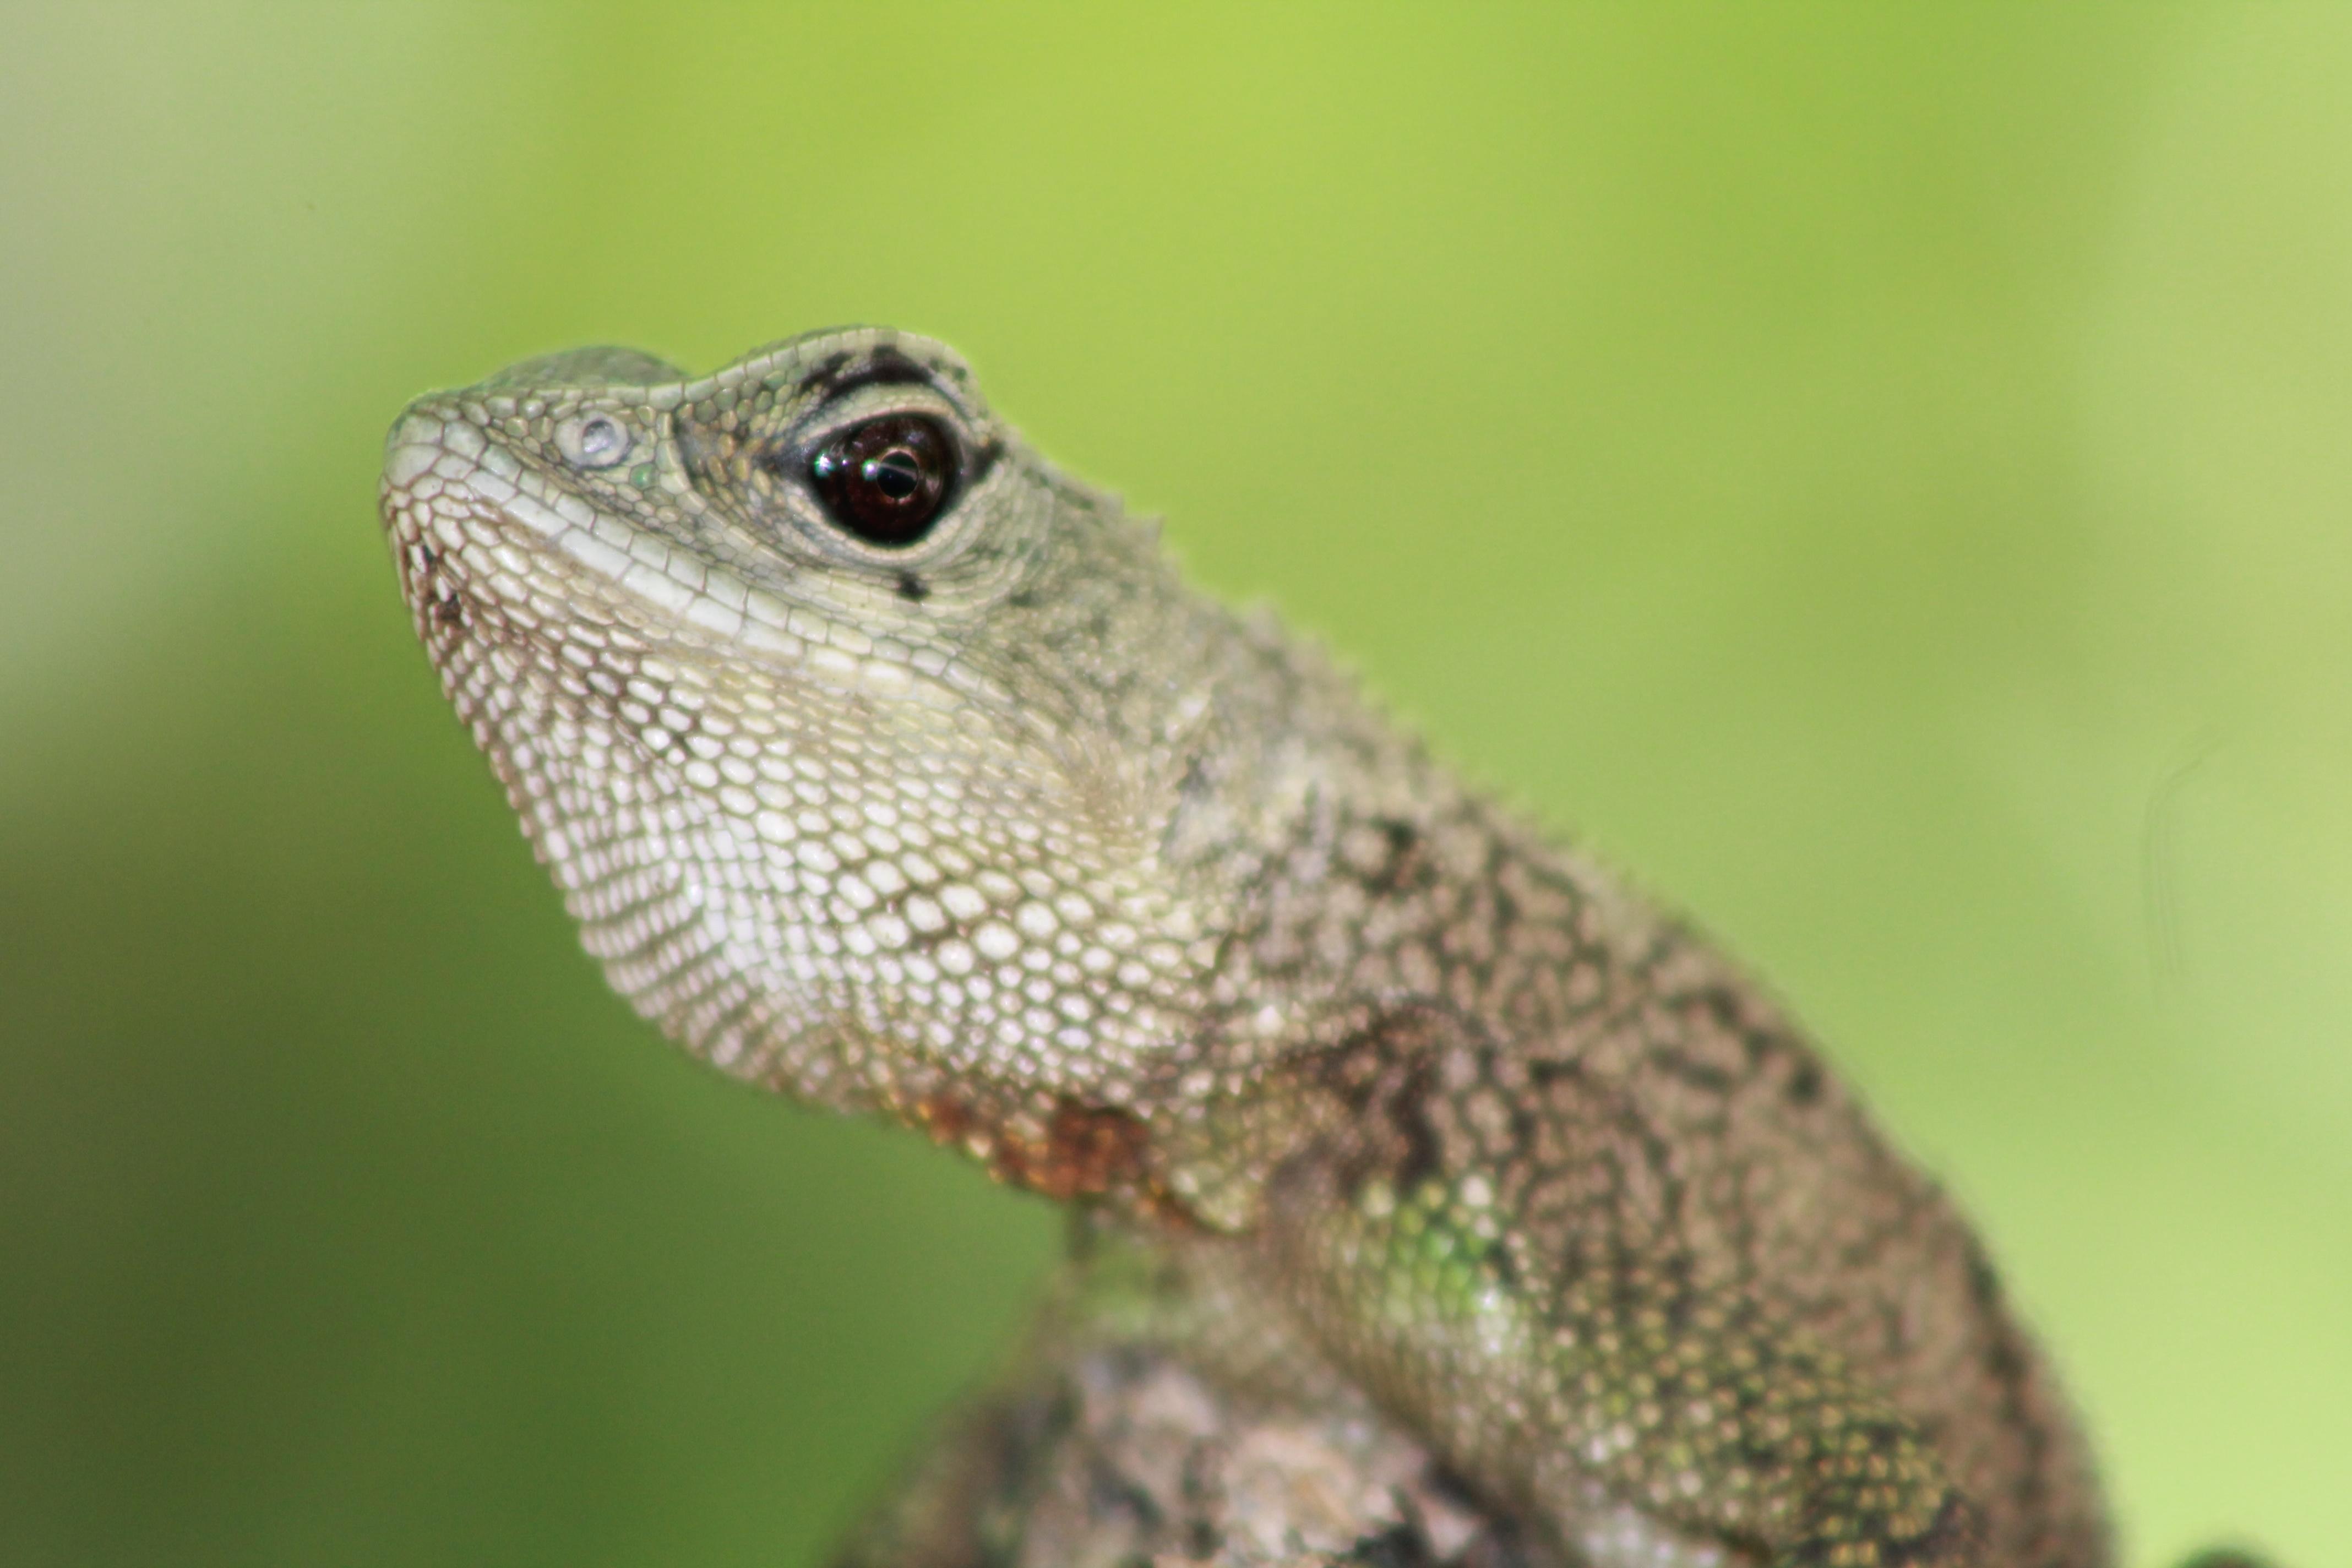 La cabeza de un reptil - 4272x2848